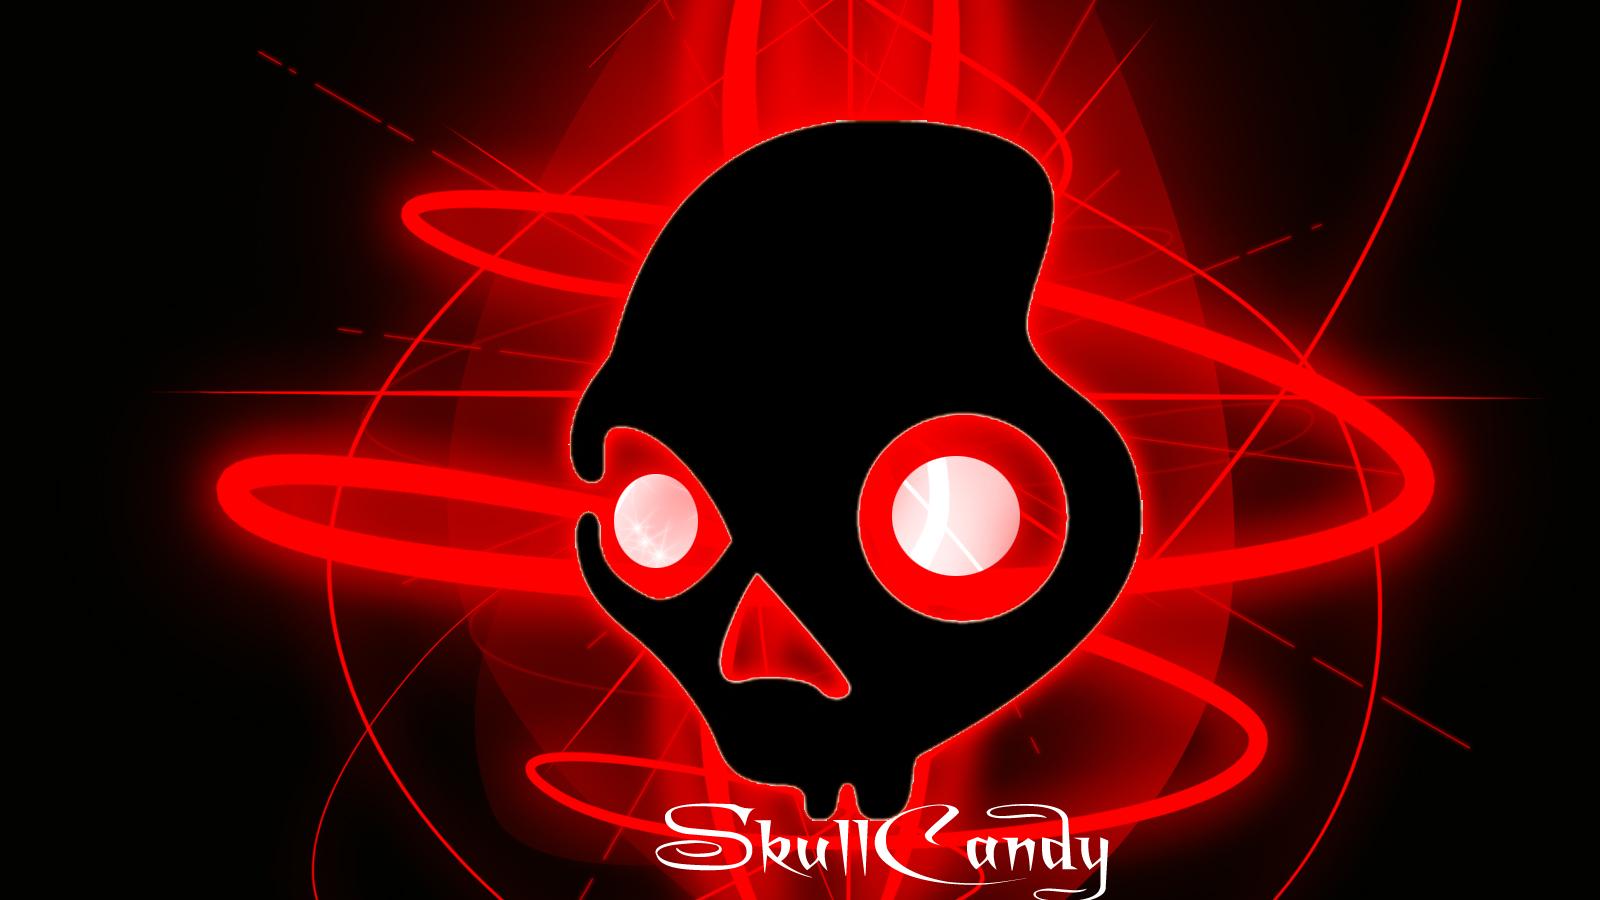 skullcandy logo wallpaper - photo #22